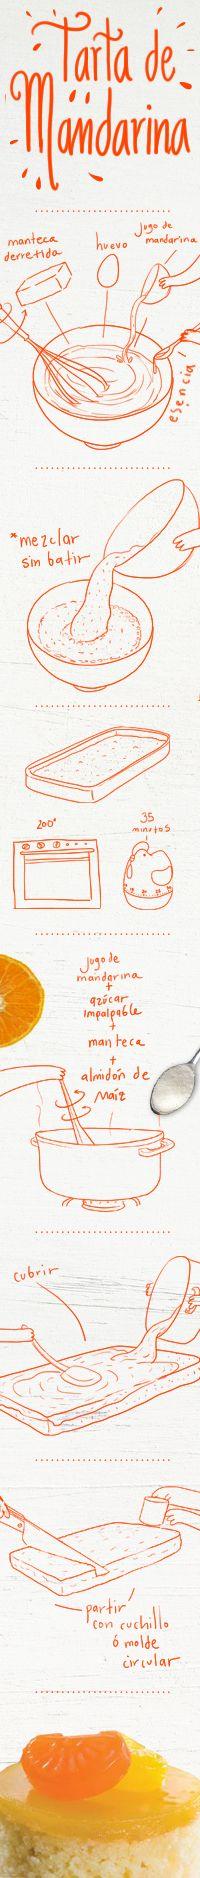 INGREDIENTES  Para la masa  2 ¼ tazas de harina  3 cdtas. de Polvo Royal  ½ cdta. de sal  1 taza de azúcar  1 huevo  1 taza de jugo de mandarina  3 Cdas. de manteca  1 cdta. de esencia de vainilla   Para cubrir  1 taza de jugo de mandarina  ¾ taza de azúcar impalpable  1 Cda. de manteca  2 Cdas. de almidón de maí